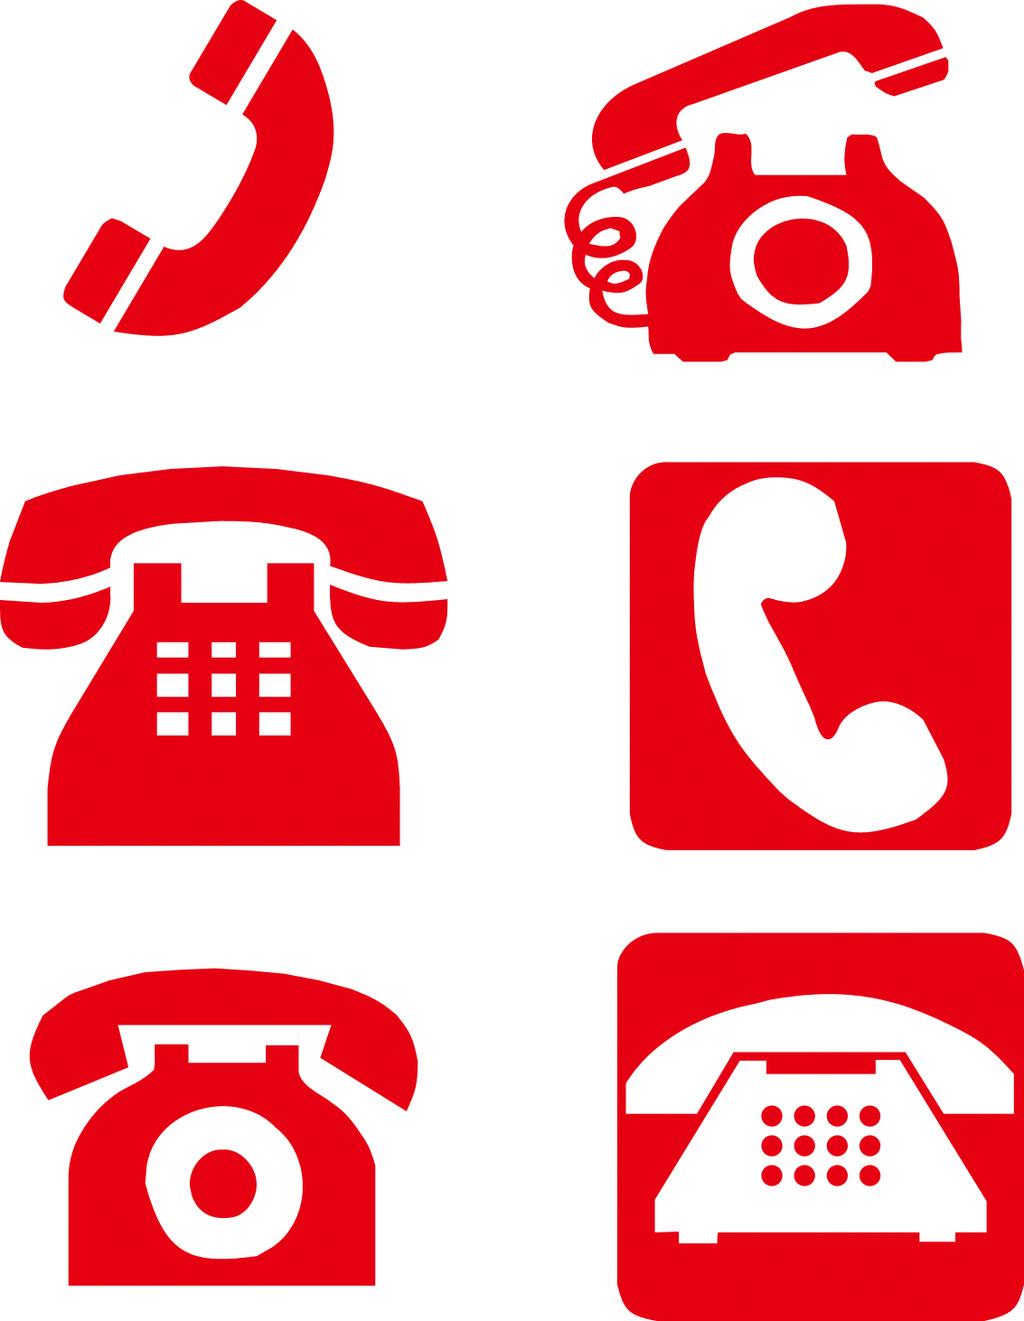 电话图标设计图片下载矢量电话 电话矢量素材 电话标识电话标志热线